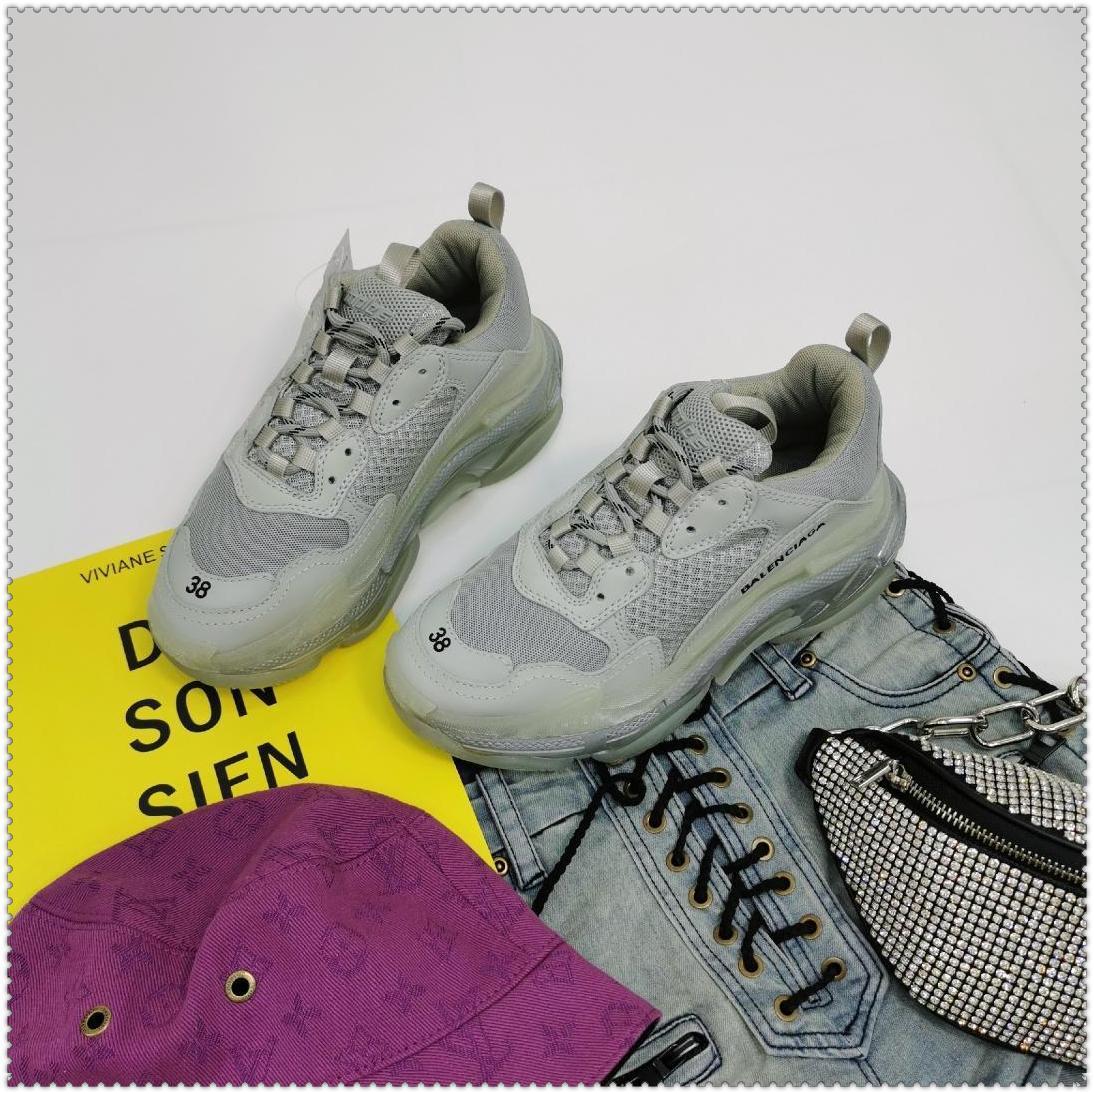 2019 nuove scarpe da donna di alta qualità della molla scarpe casual di lusso e autunno di viaggio delle donne consegna veloce con l'imballaggio scatola originale